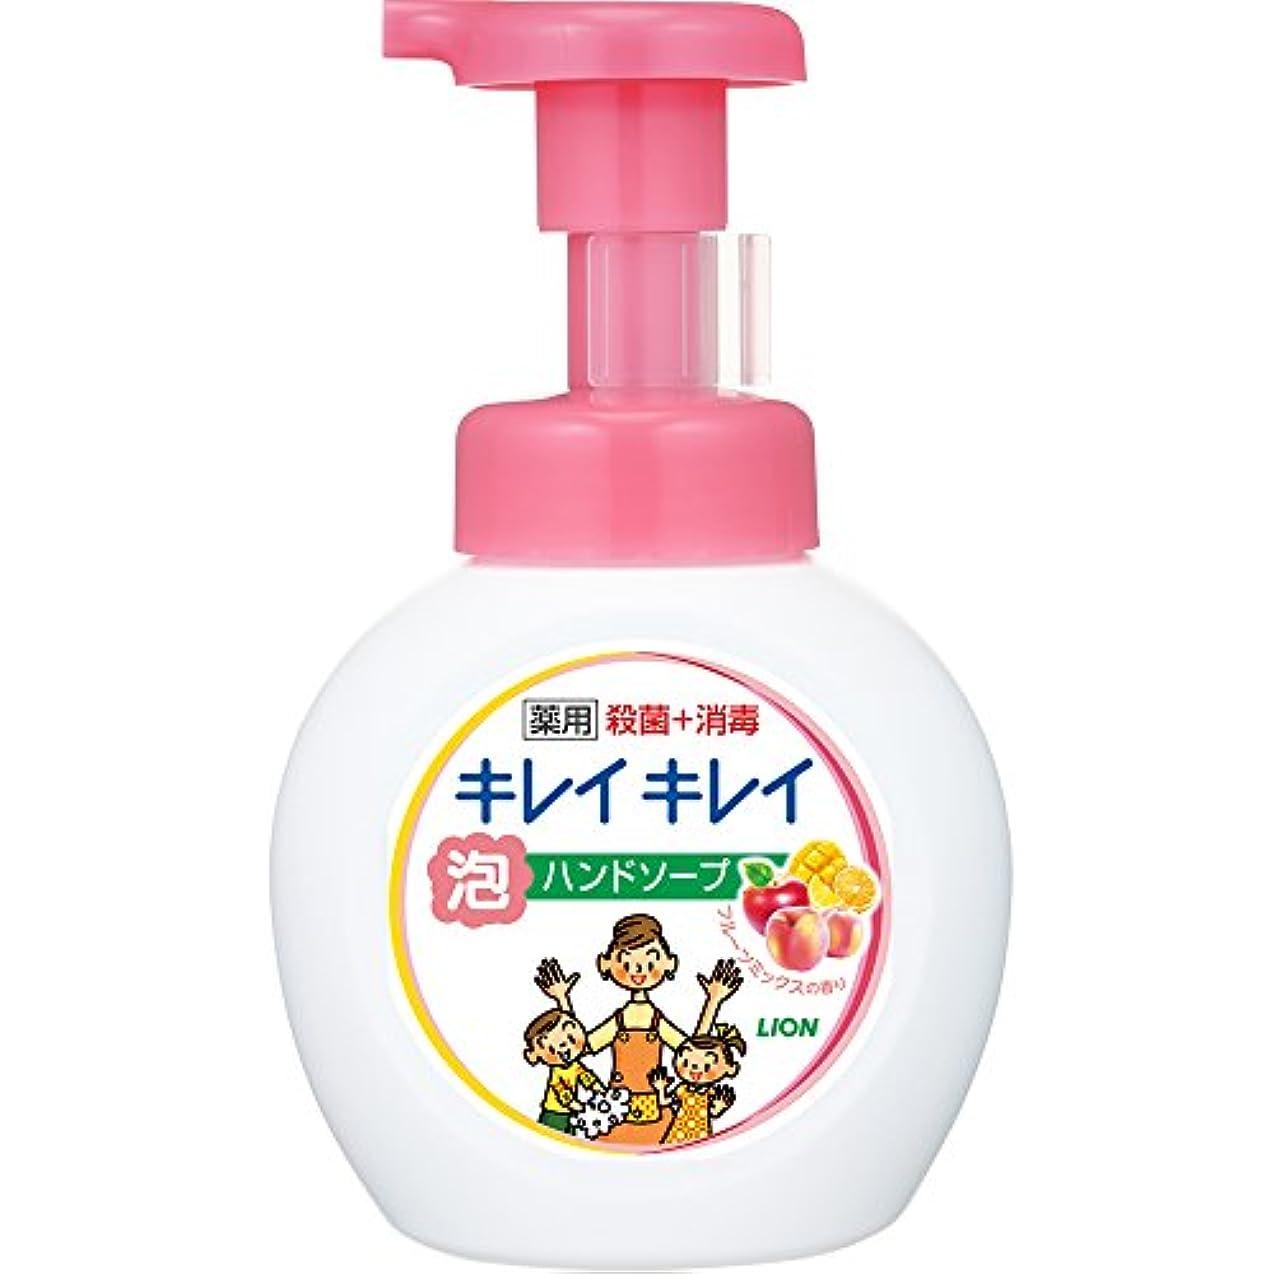 チョップ説得エールキレイキレイ 薬用 泡ハンドソープ フルーツミックスの香り ポンプ 250ml(医薬部外品)